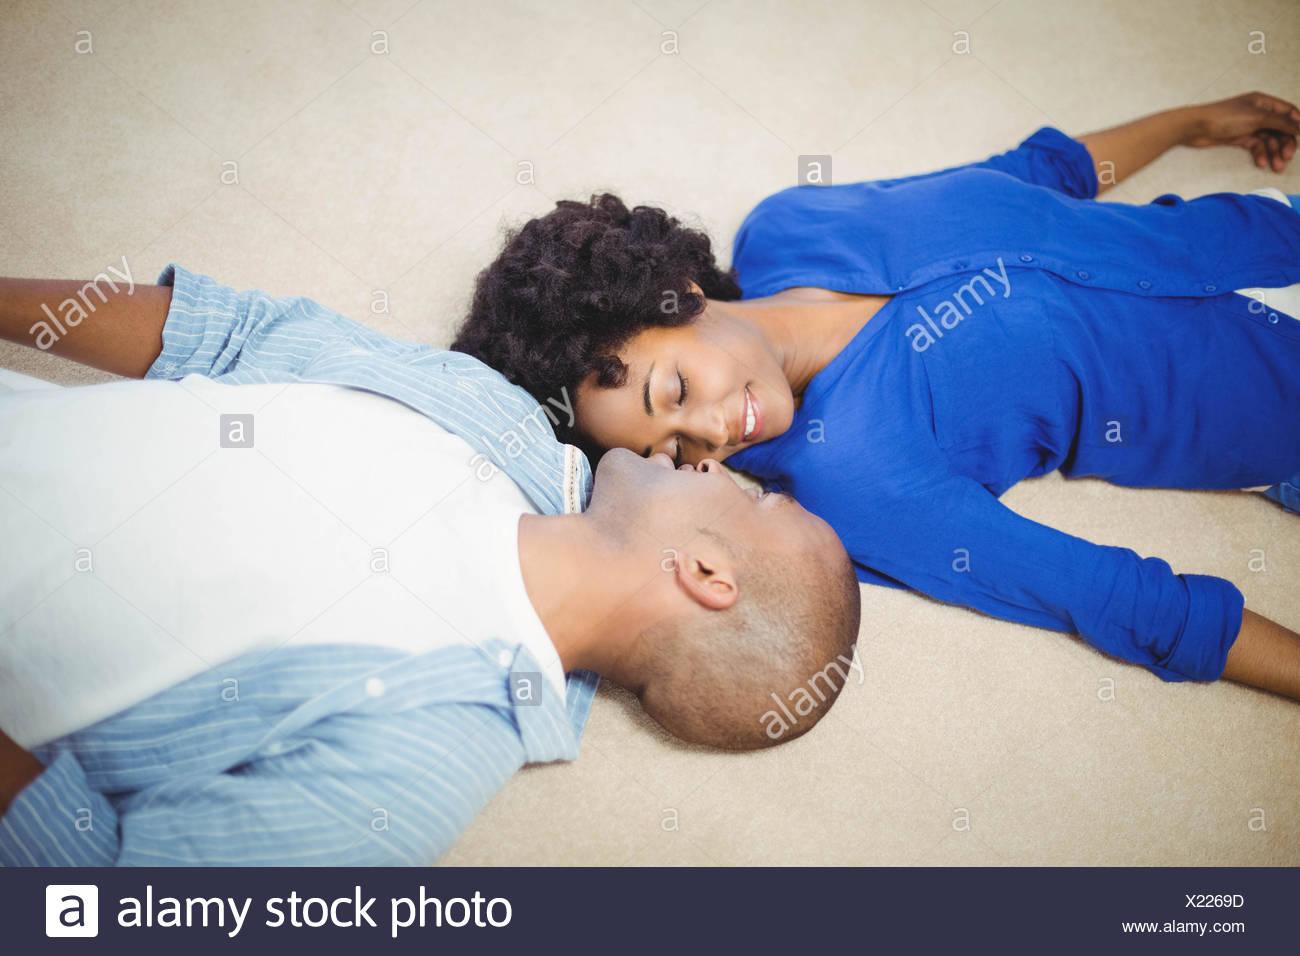 Tranquillo giovane sdraiato sul pavimento Immagini Stock